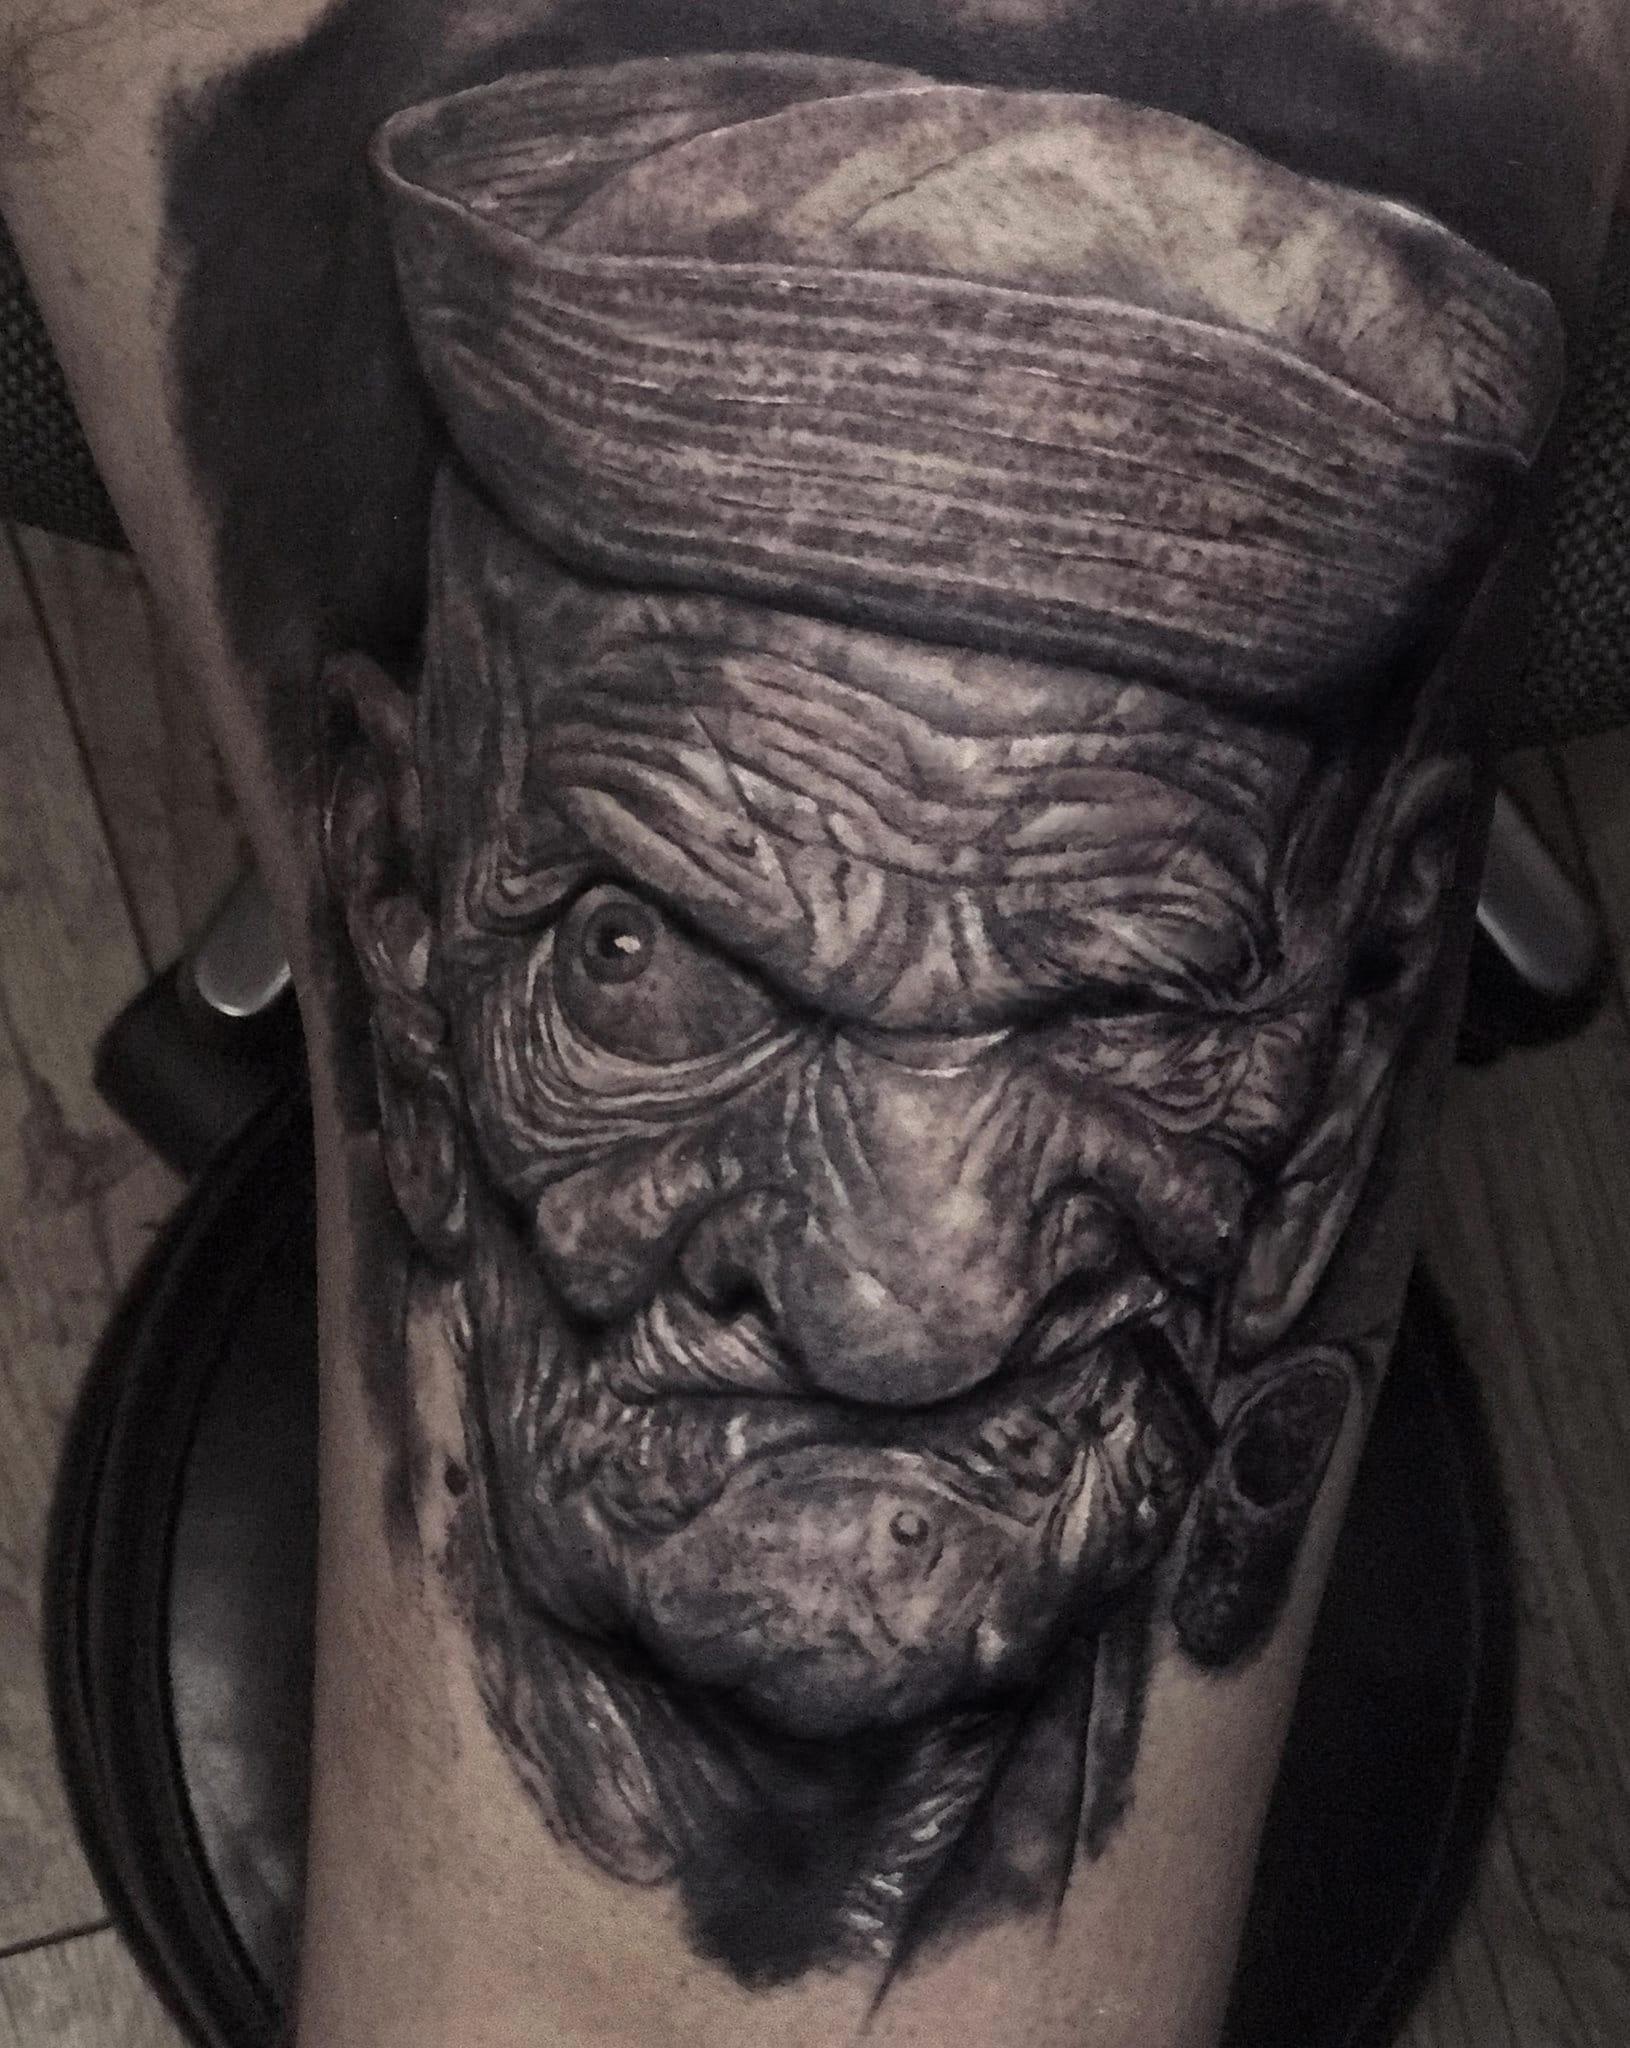 Tattoo von einem altem Mann der eine Pfeife raucht